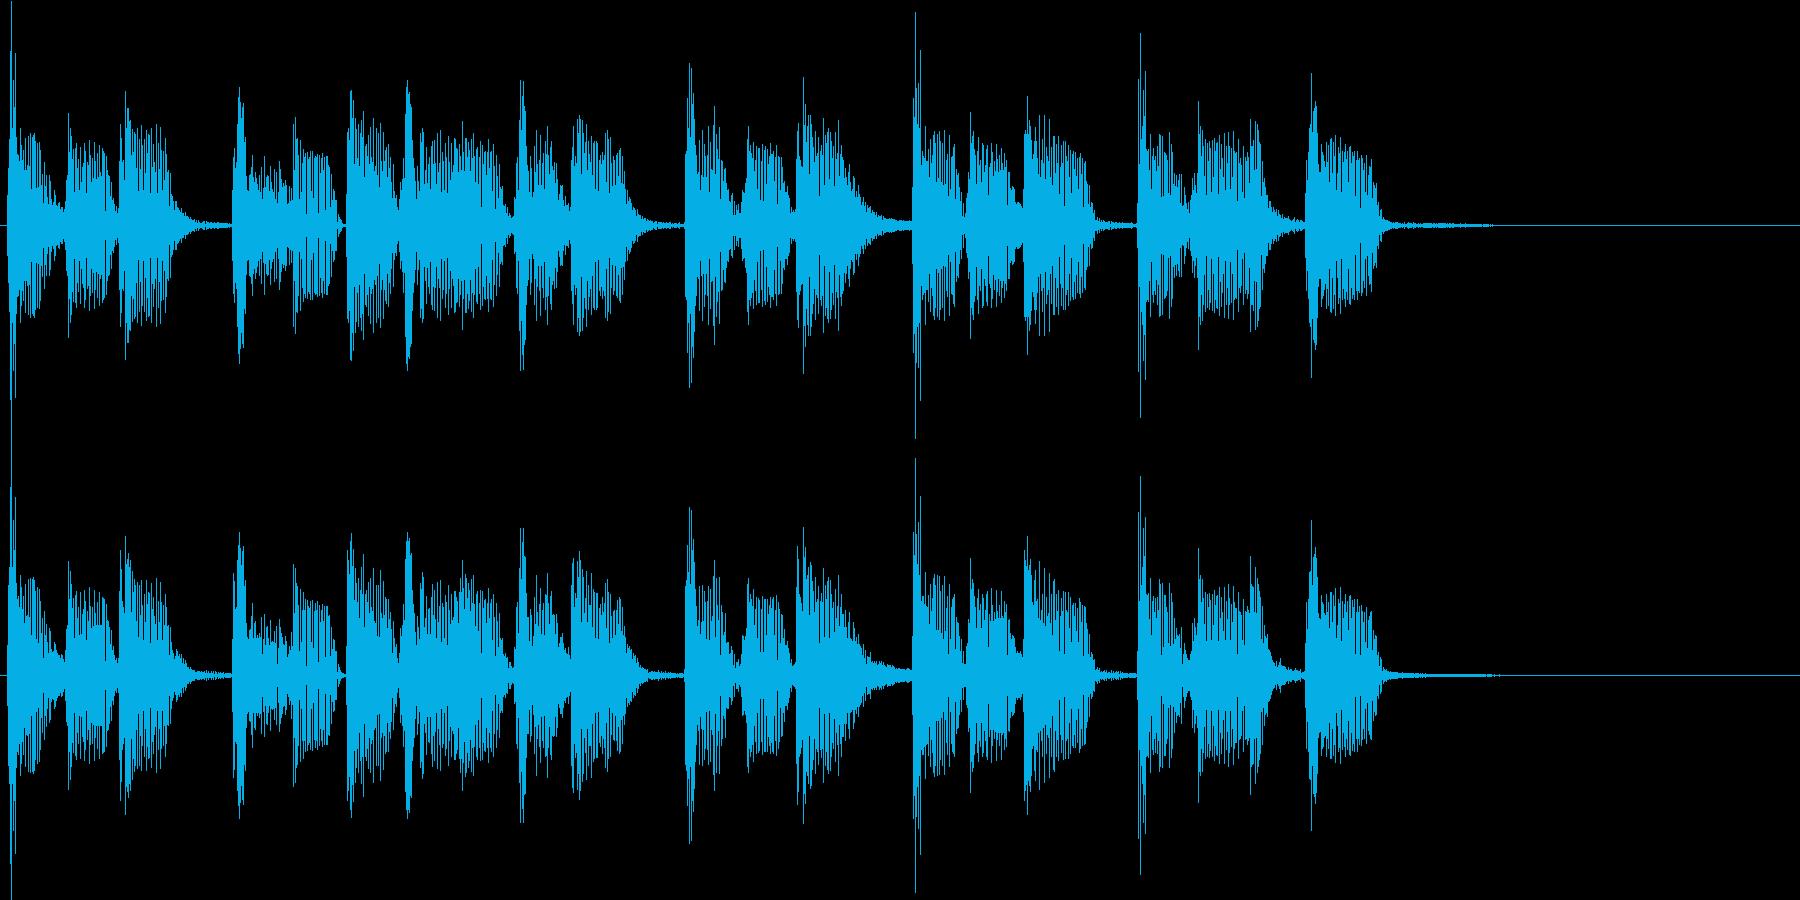 2小節ジングル03 ディスコ1の再生済みの波形